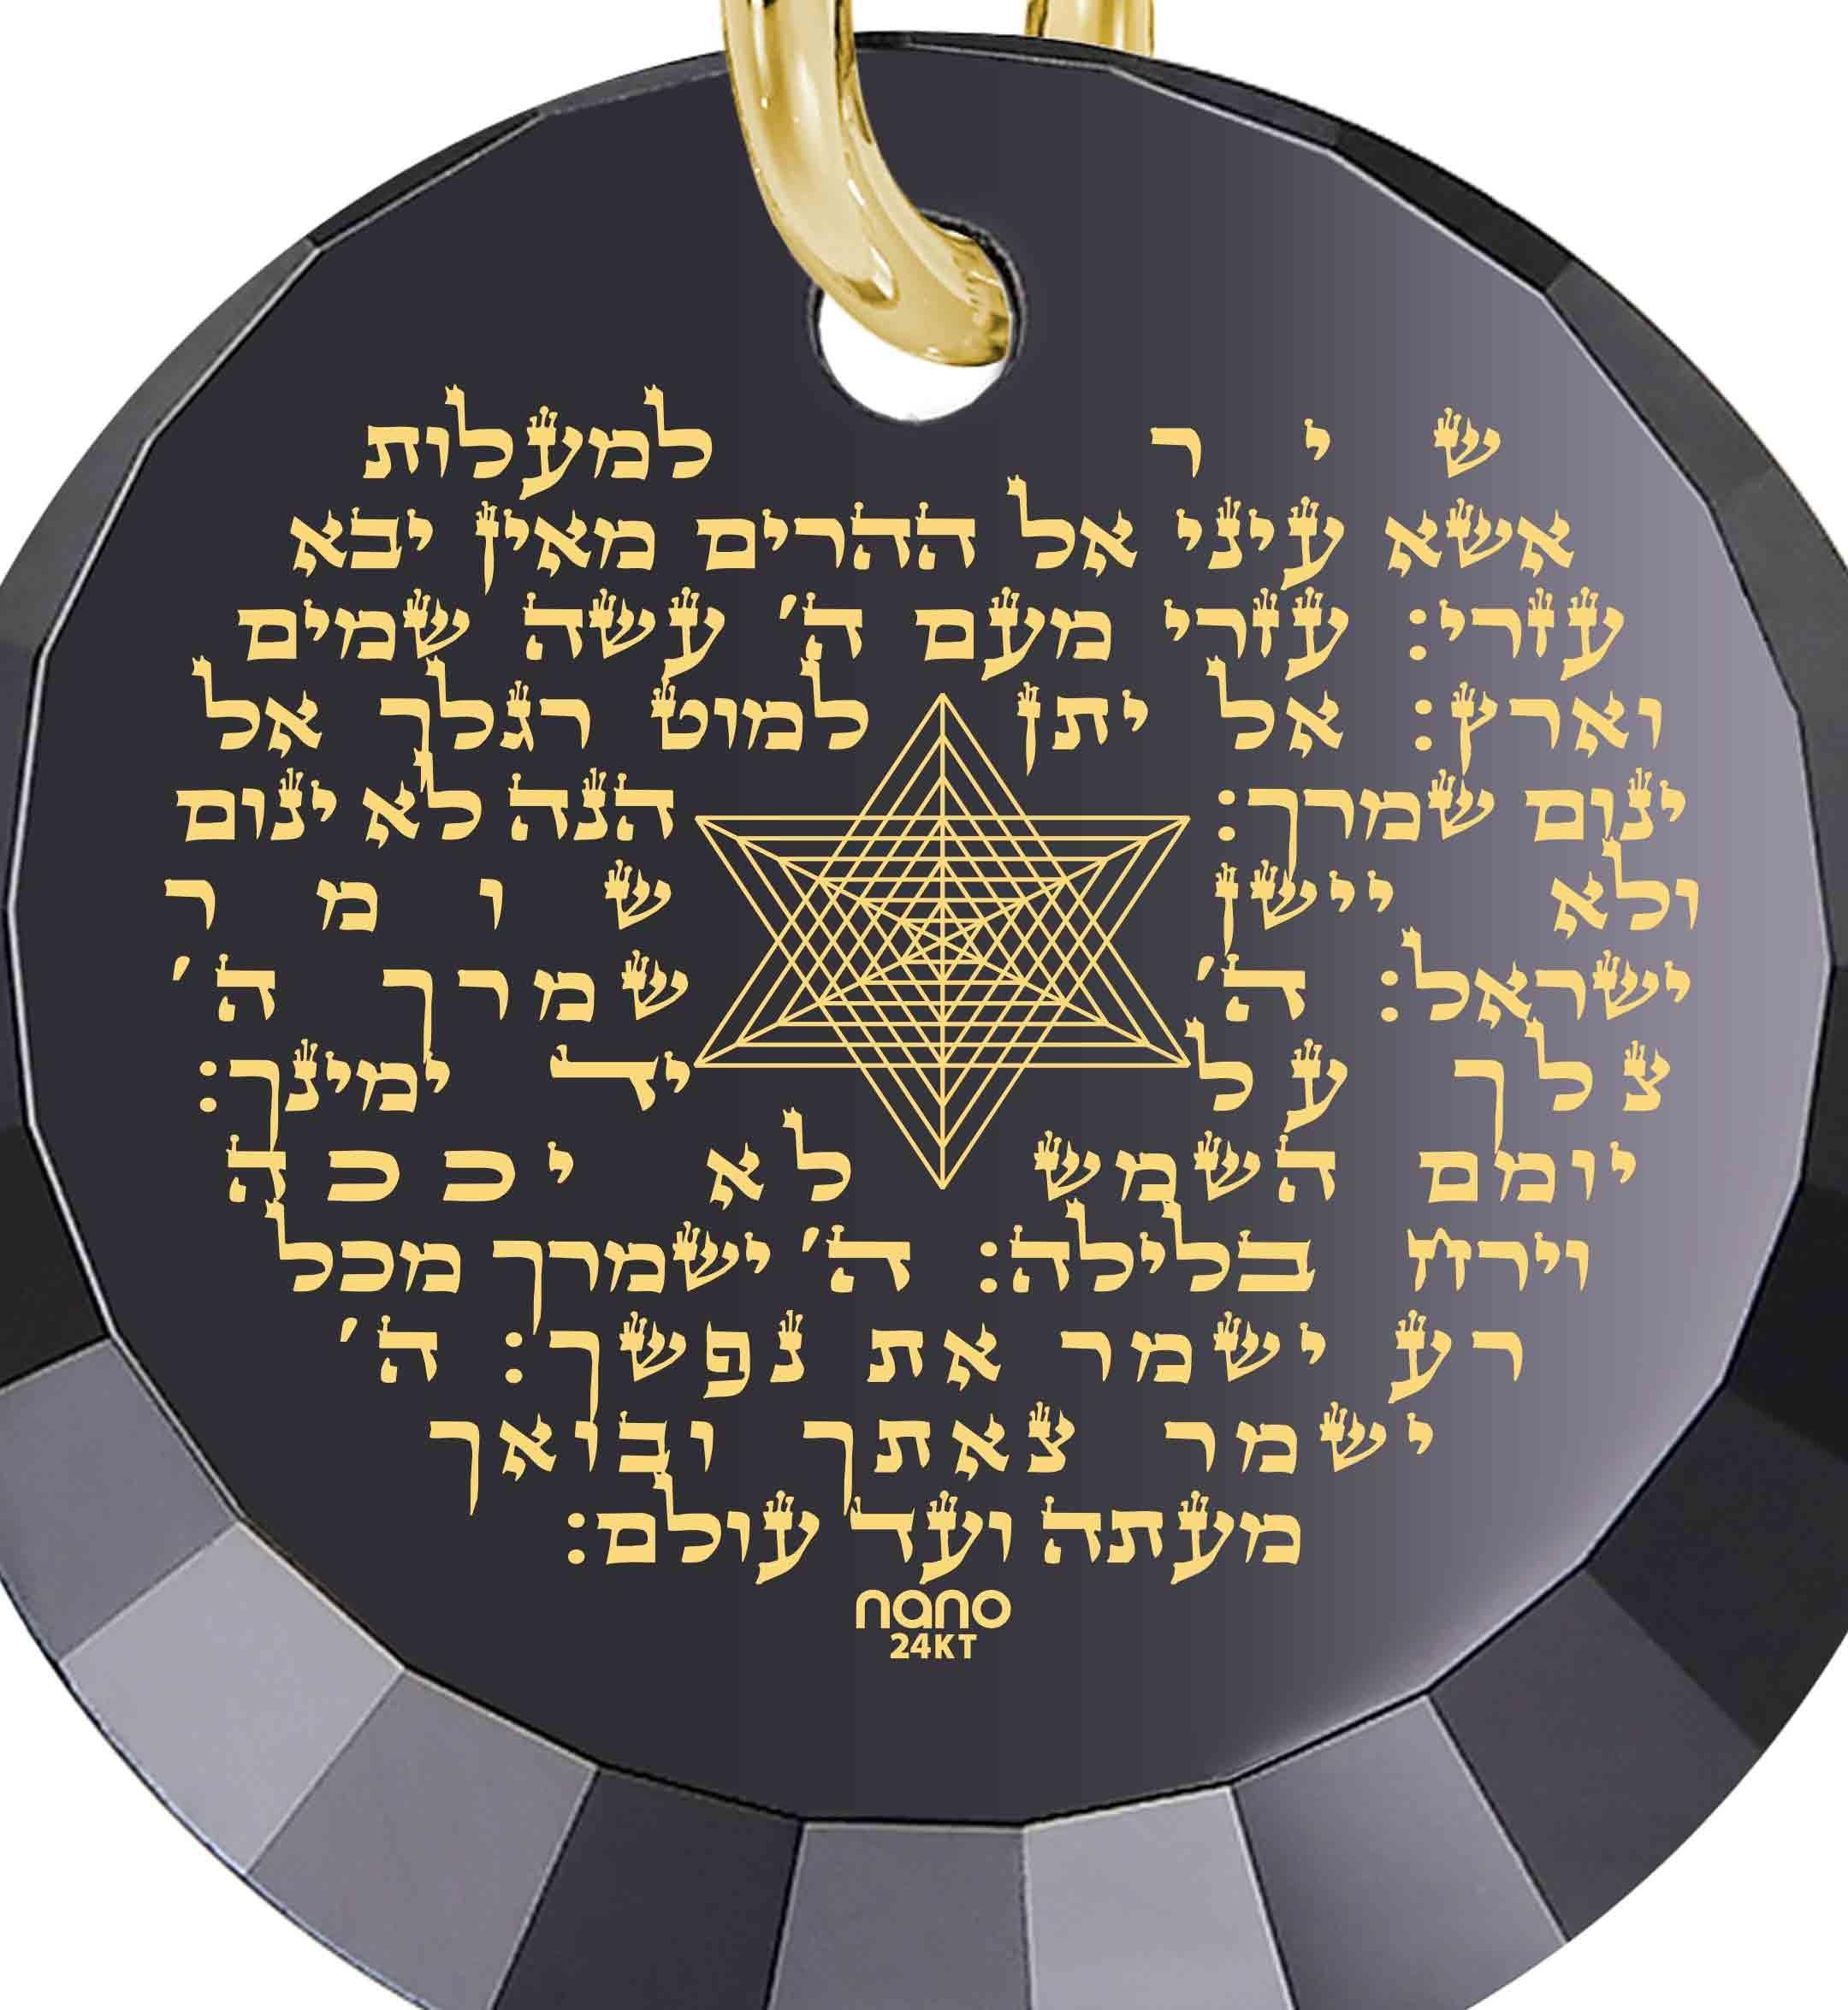 תכשיט זהב -מתנות קטנות –שיר למעלות – ננו תכשיטיםתכשיט זהב -מתנות קטנות –שיר למעלות – ננו תכשיטים